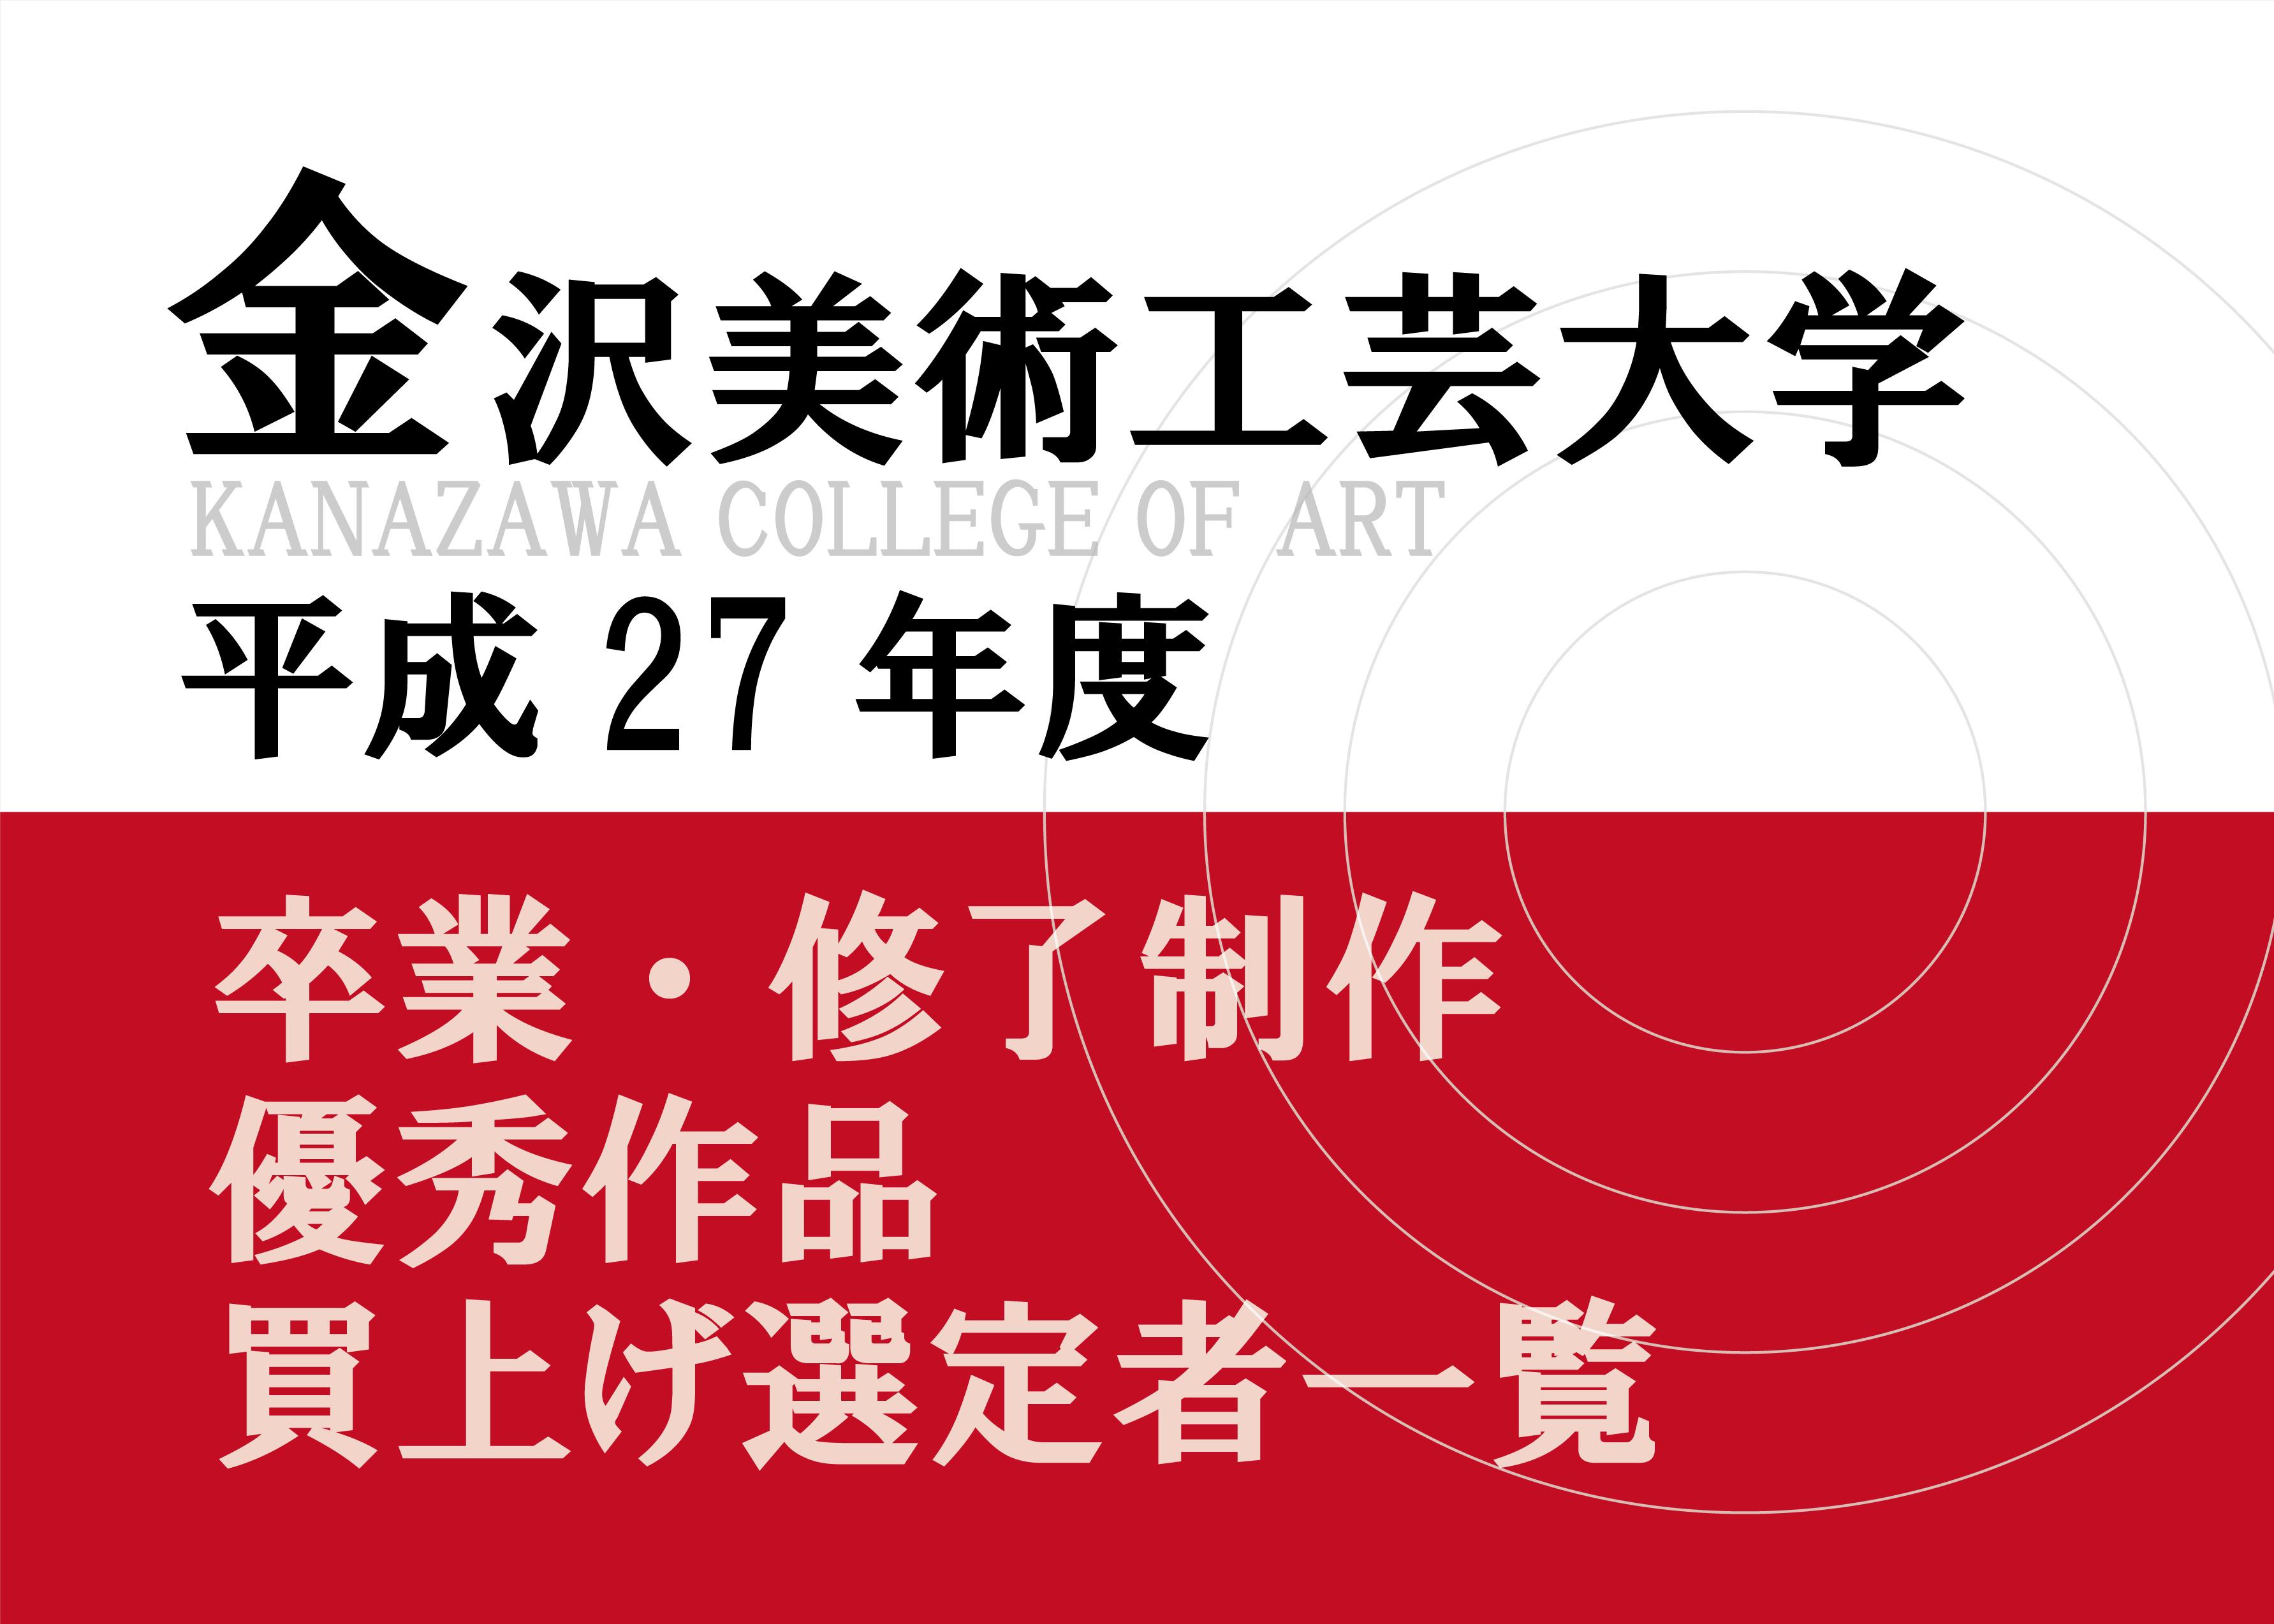 金沢美術工芸大学  平成27年度卒業・修了制作優秀作品買上げ選定者 ポスターデザイン選定者